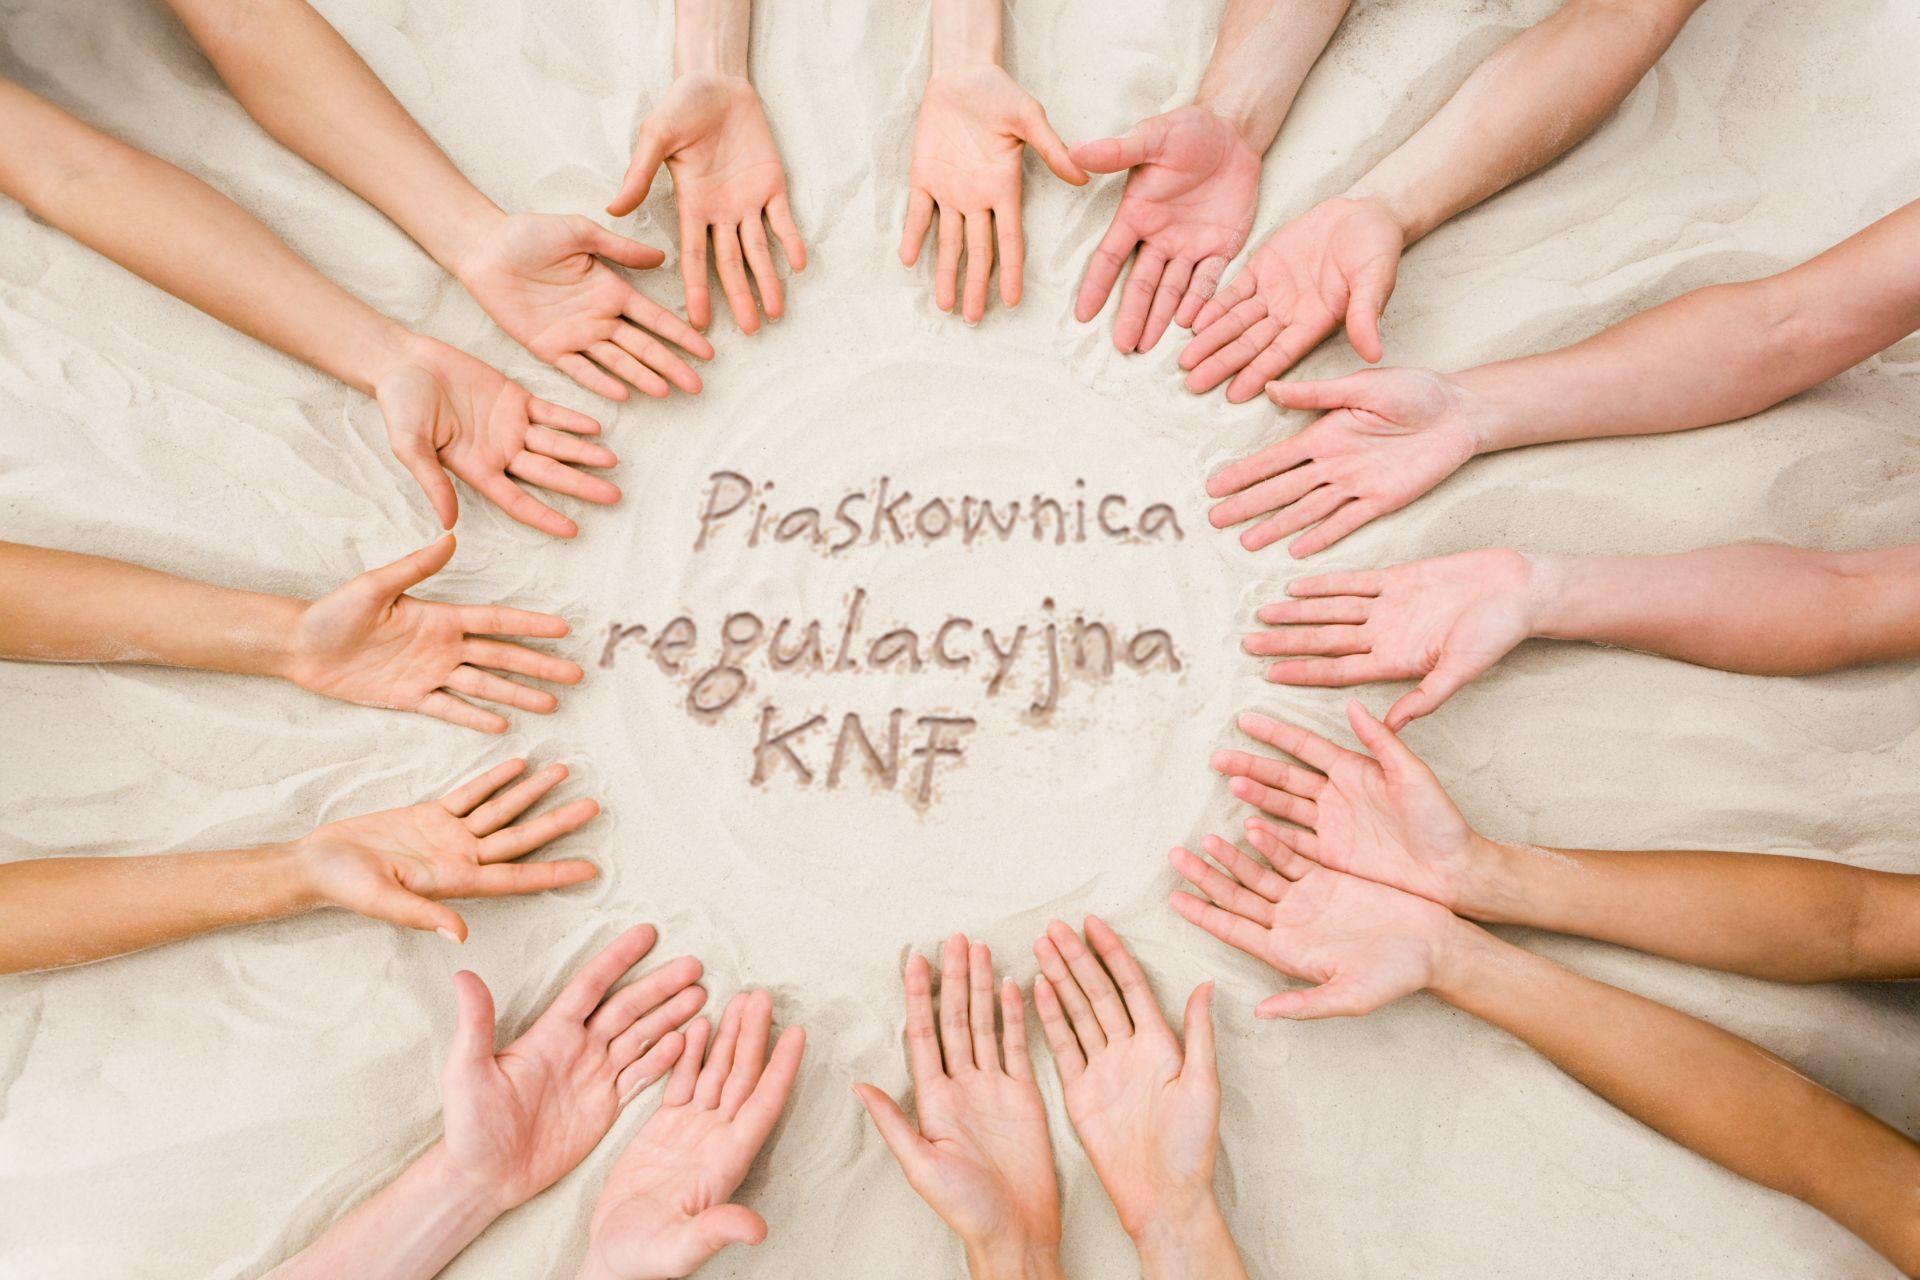 Czas na testy, czyli nowi operatorzy piaskownicy regulacyjnej KNF